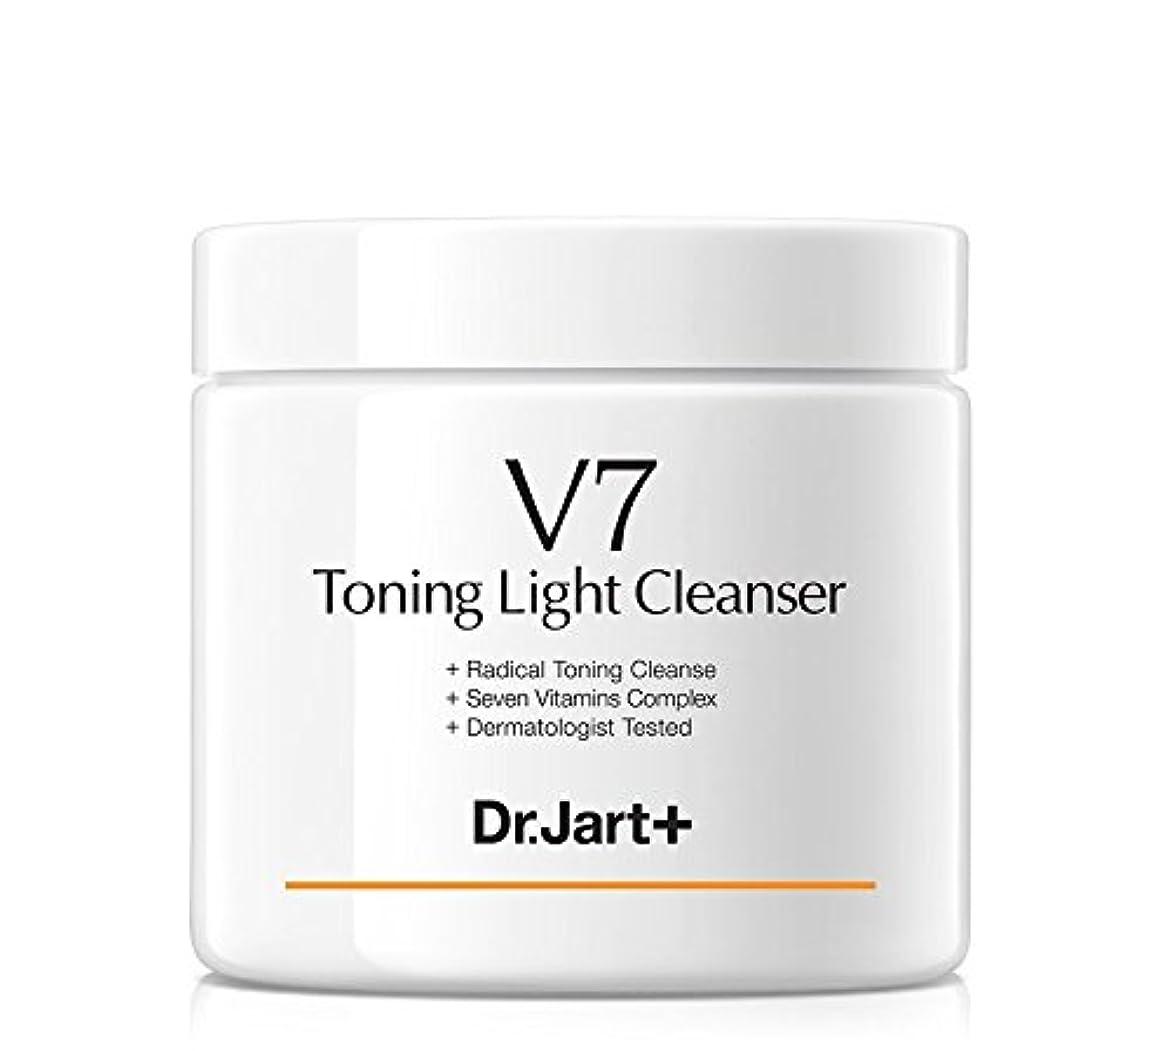 ギャップビットアトミックDr.Jart+ V7 Toning Light Cleanser 100ml/ドクタージャルト V7 トーニング ライト クレンザー 100ml [並行輸入品]